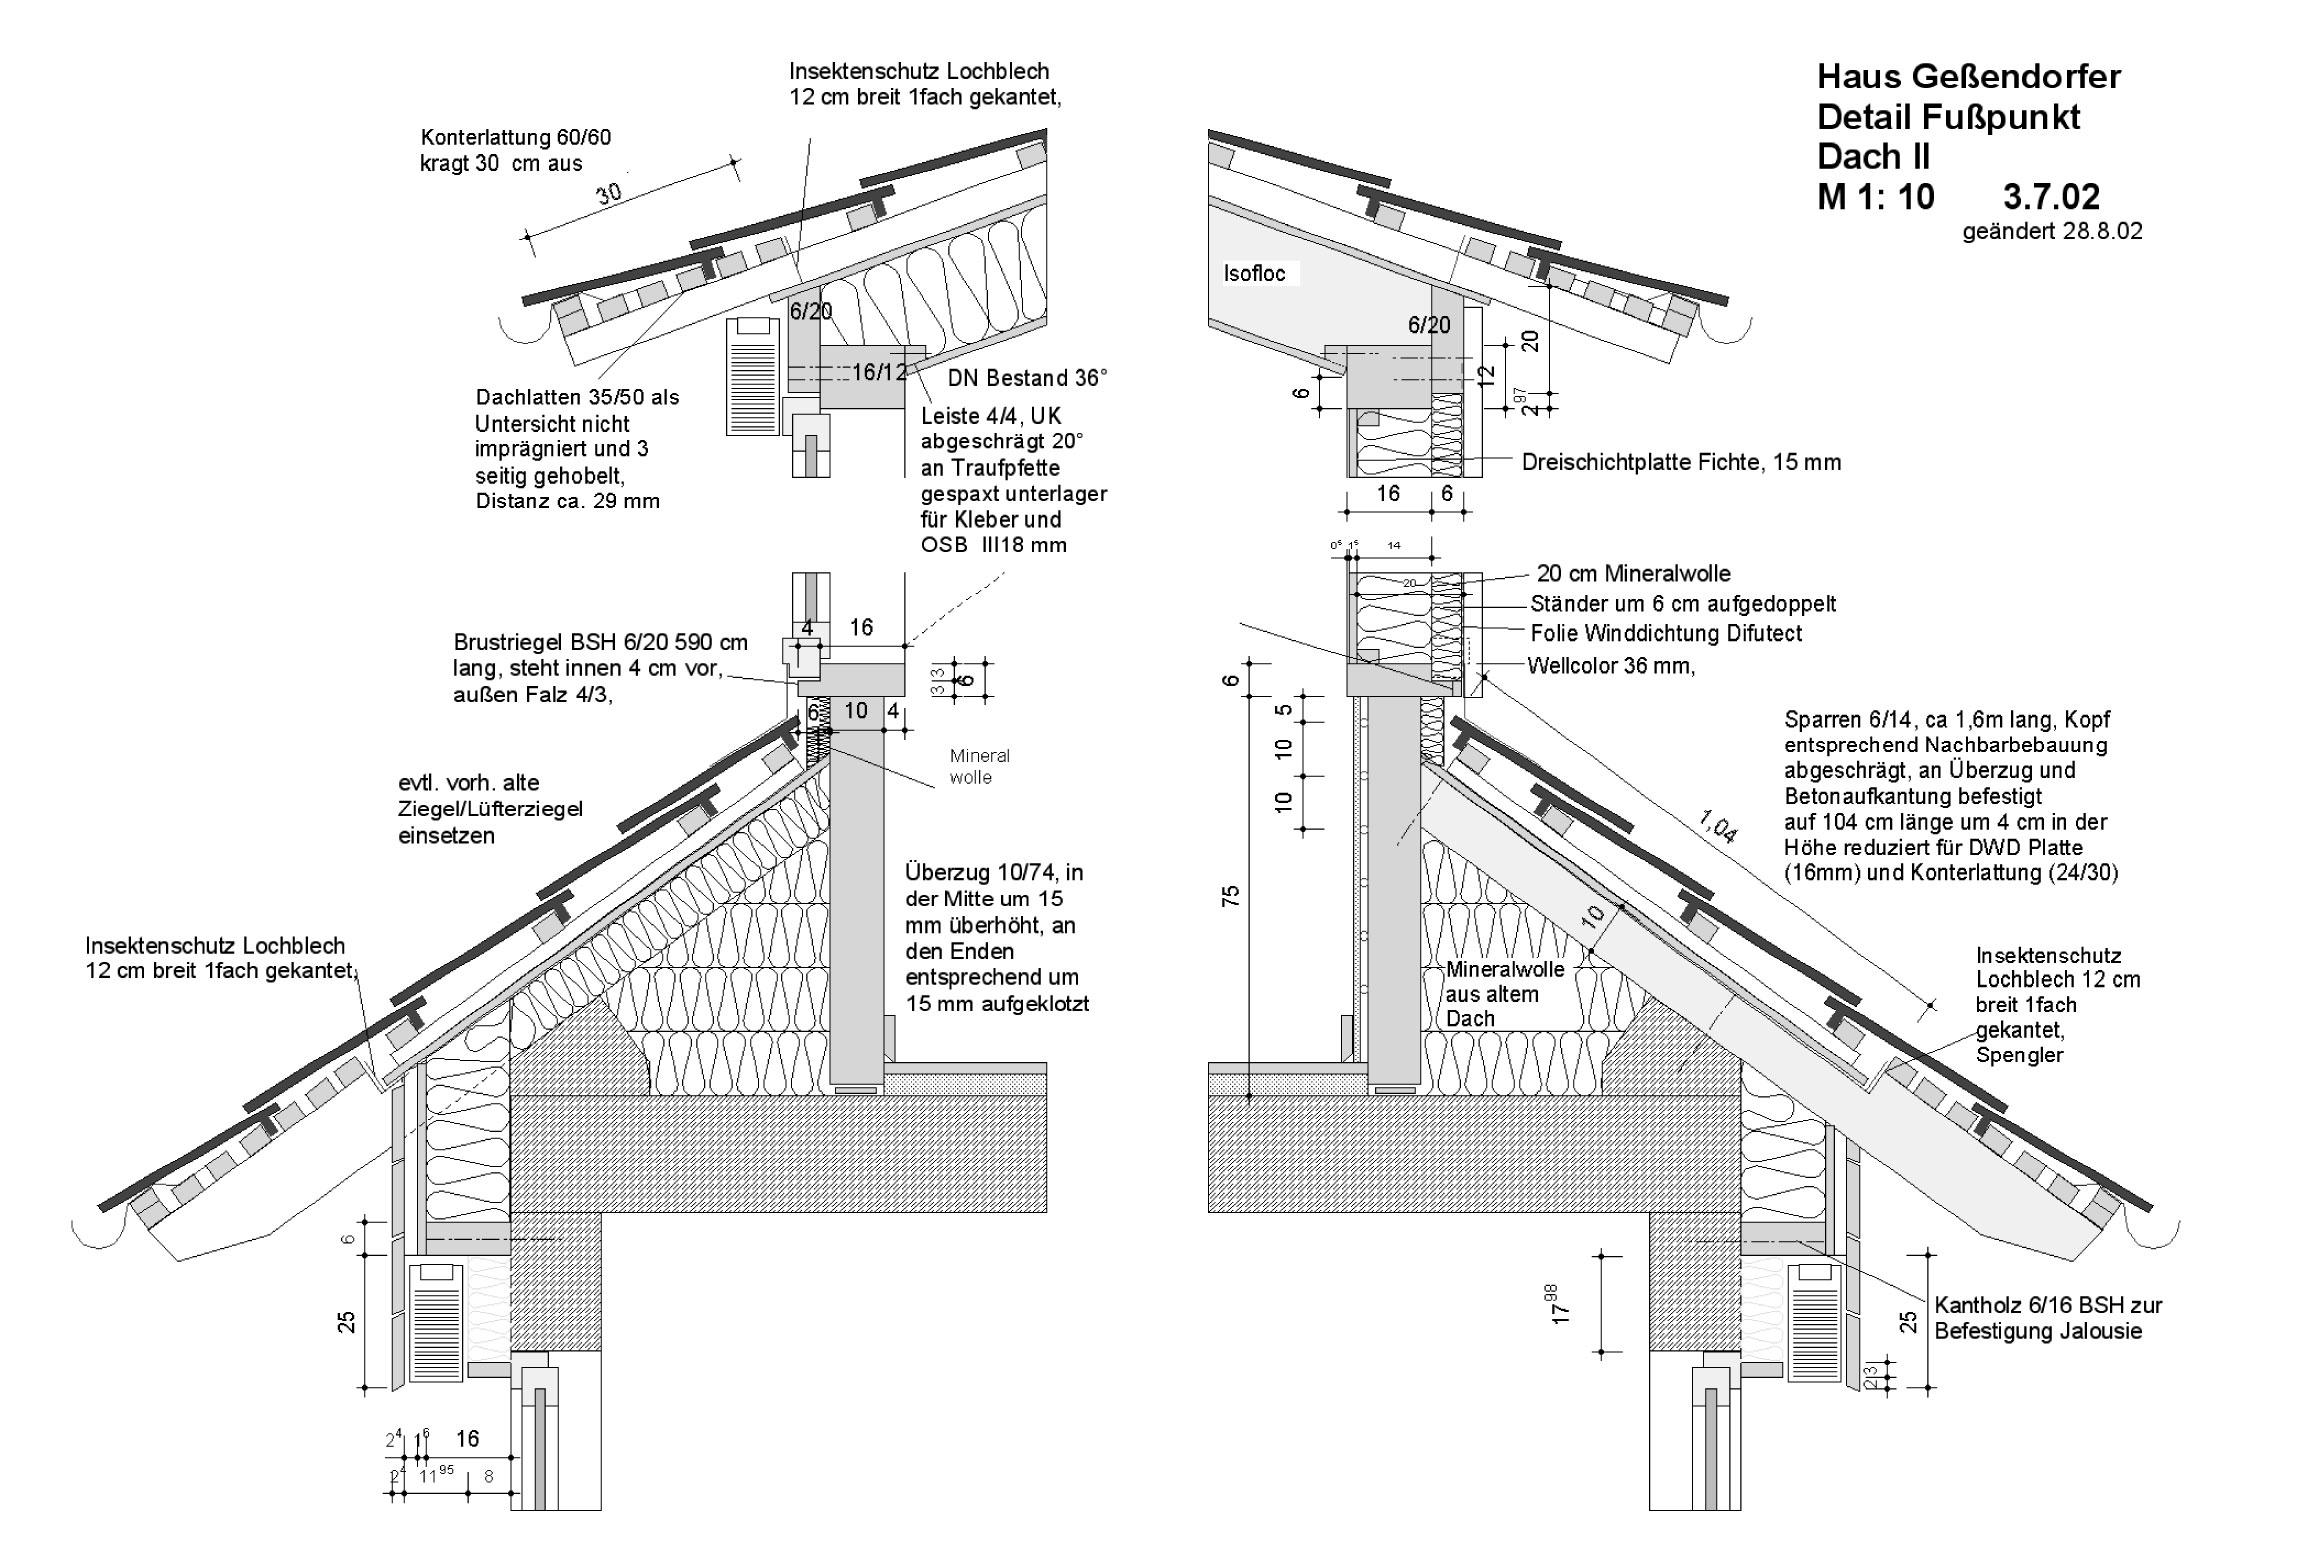 1A_Haus Geßendorfer - Detail Fusspunkt - Dach II